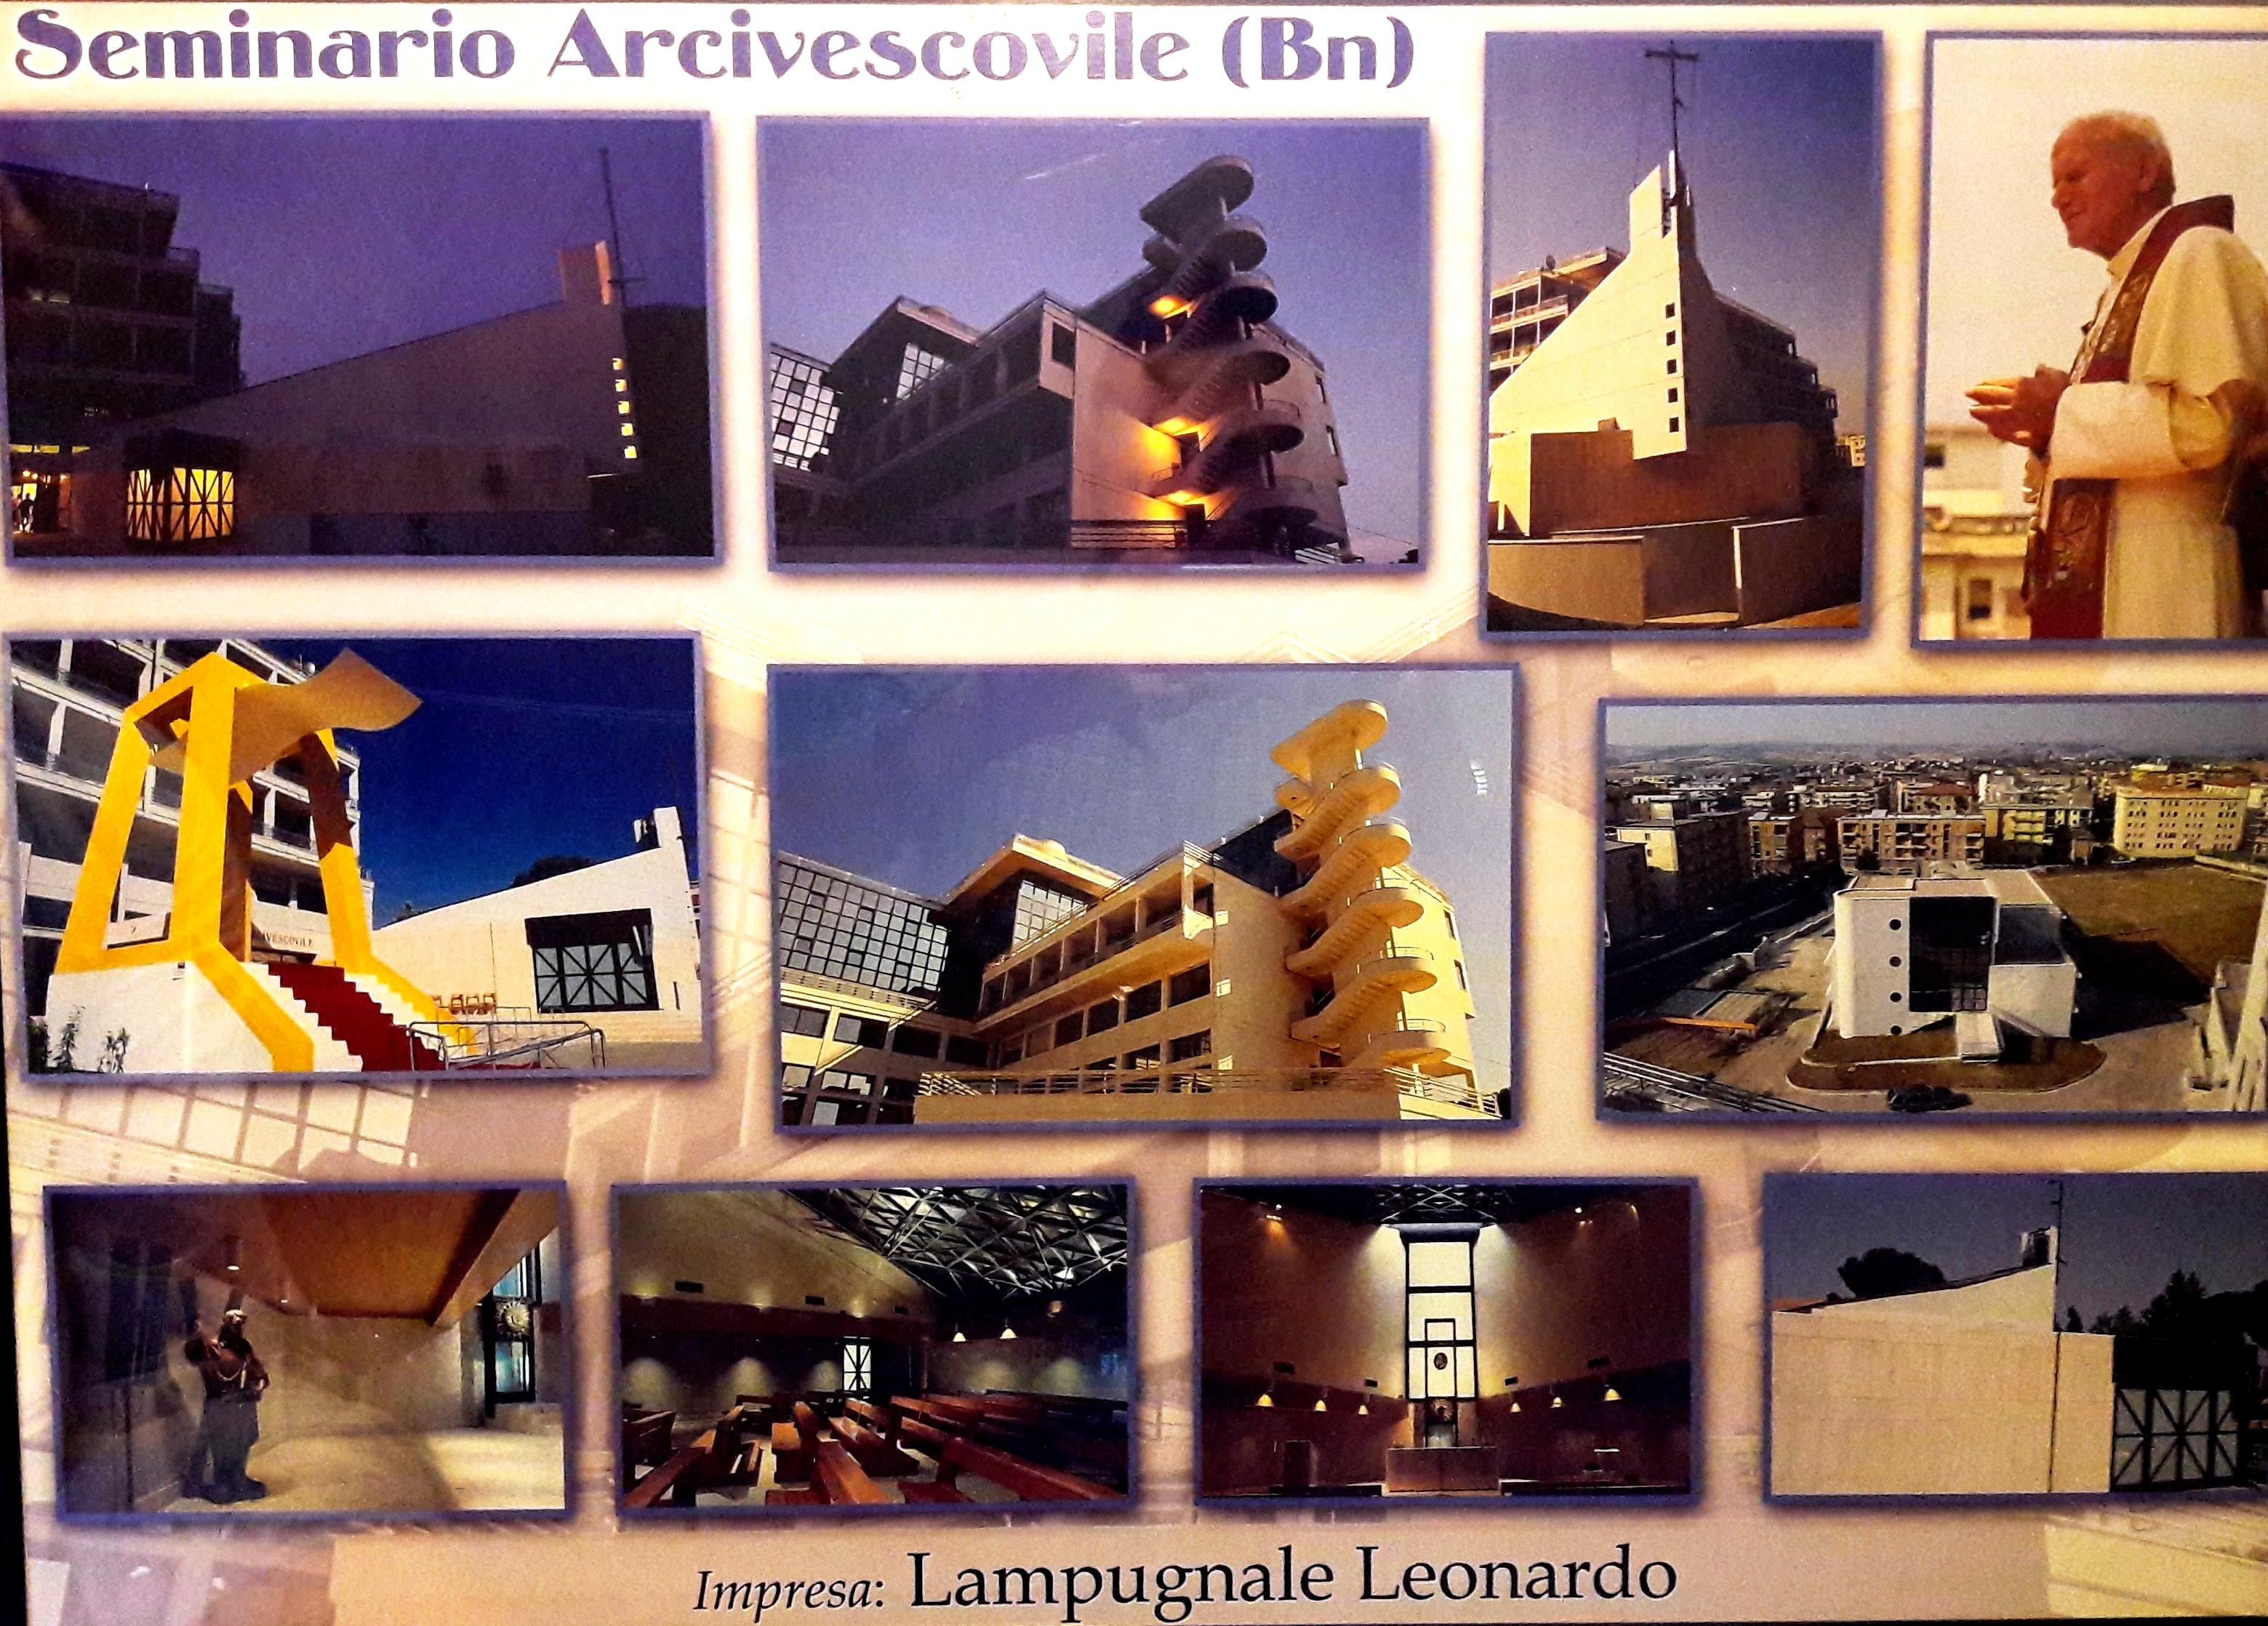 SEMINARIO ARCIVESCOVILE BN - 1990